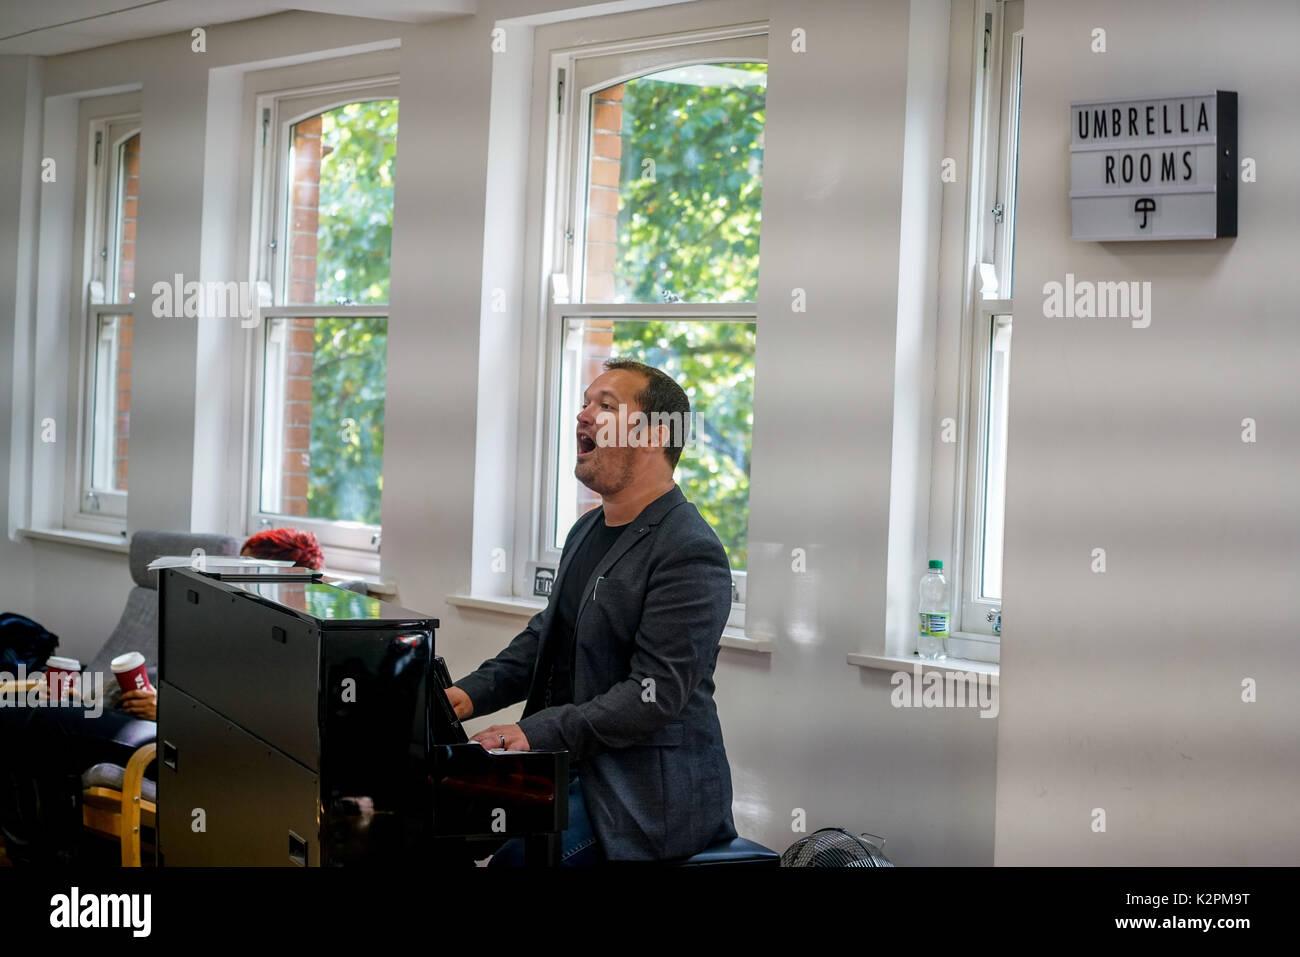 Shaftesbury Avenue, London, England, UK. Août 31, 2017. Les meilleurs jeunes musiciens de Londres prendra part à un boot camp avec des experts de l'industrie de la musique, la préparation des concerts du maire à la concurrence le parapluie chambres studios de musique avant d'aller tête-à-tête lors de la Grande Finale des concerts pendant le week-end. Credit: Voir Li/Alamy Live News Banque D'Images